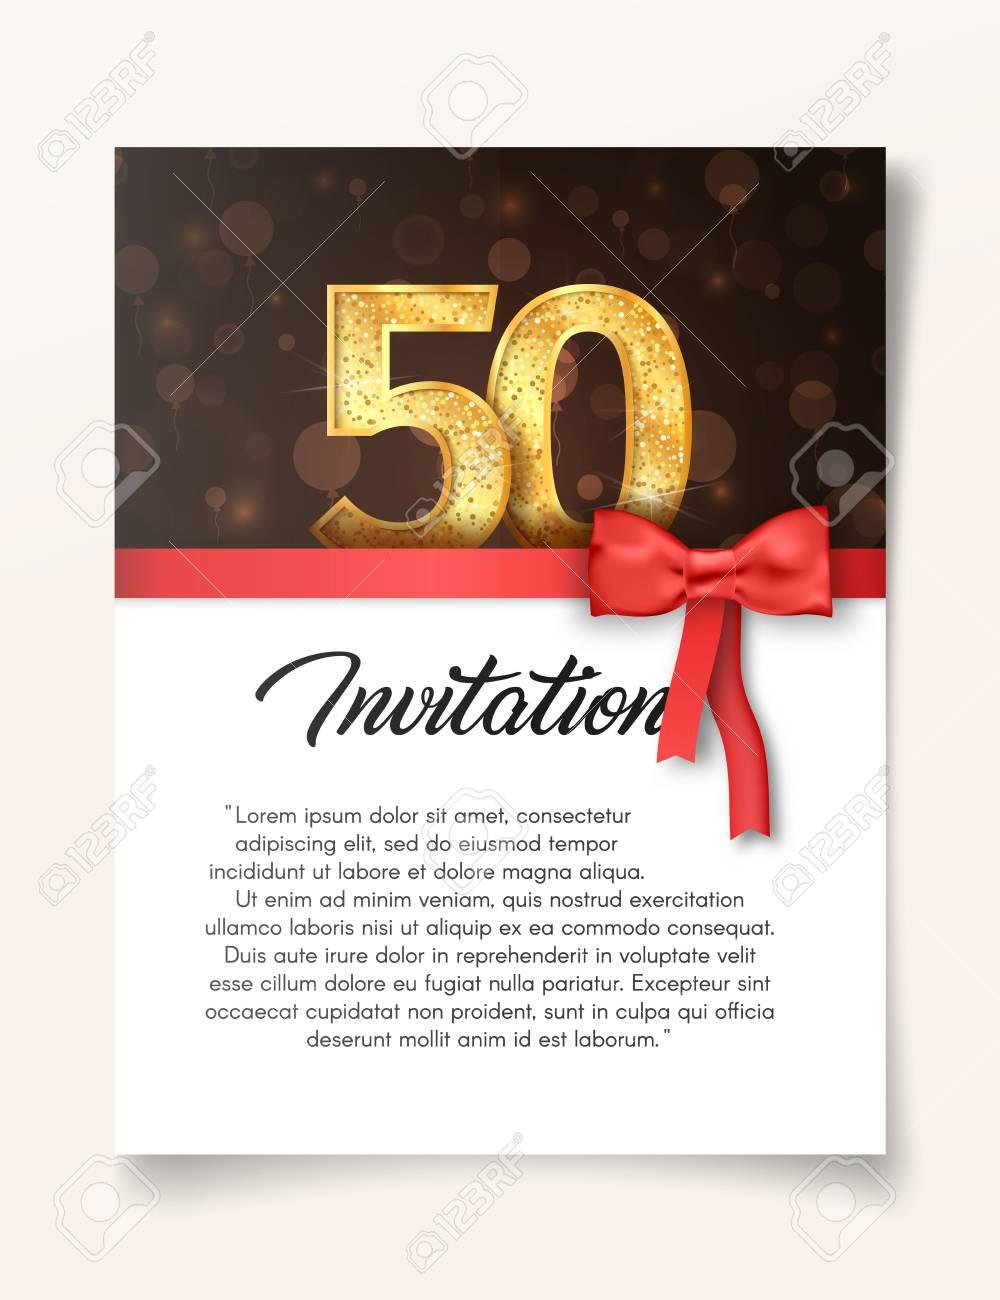 Plantilla De Tarjeta De Invitación Para El Día Del Quincuagésimo Aniversario Con Ilustración De Vector De Texto Abstracto A 50 Años Invitamos A La